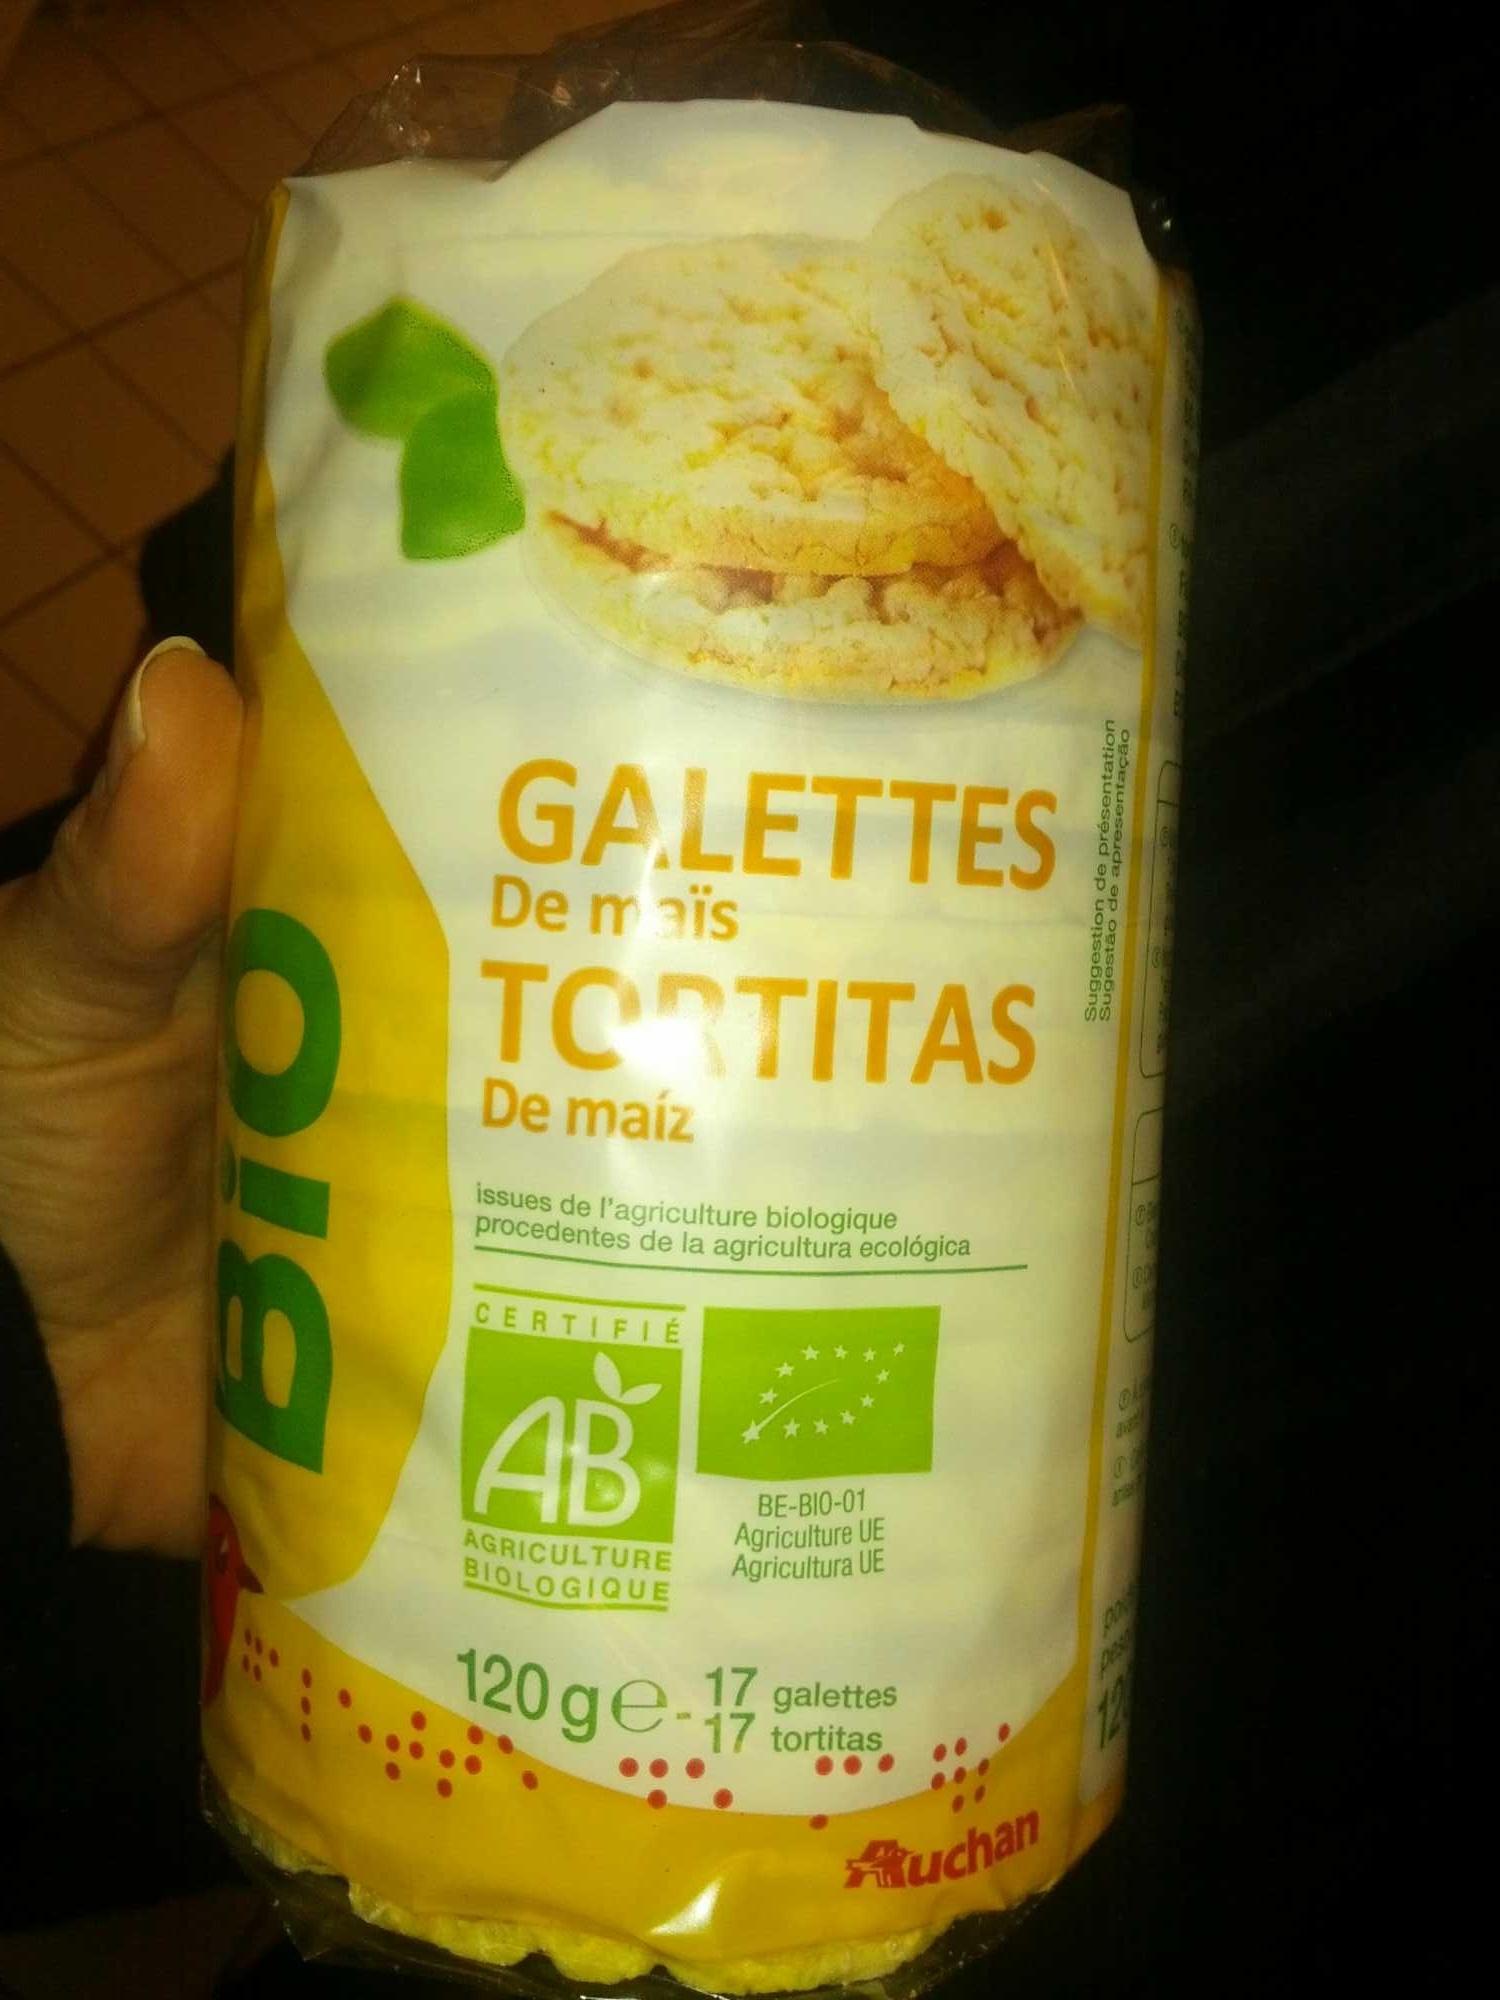 Galettes de maïs - Produit